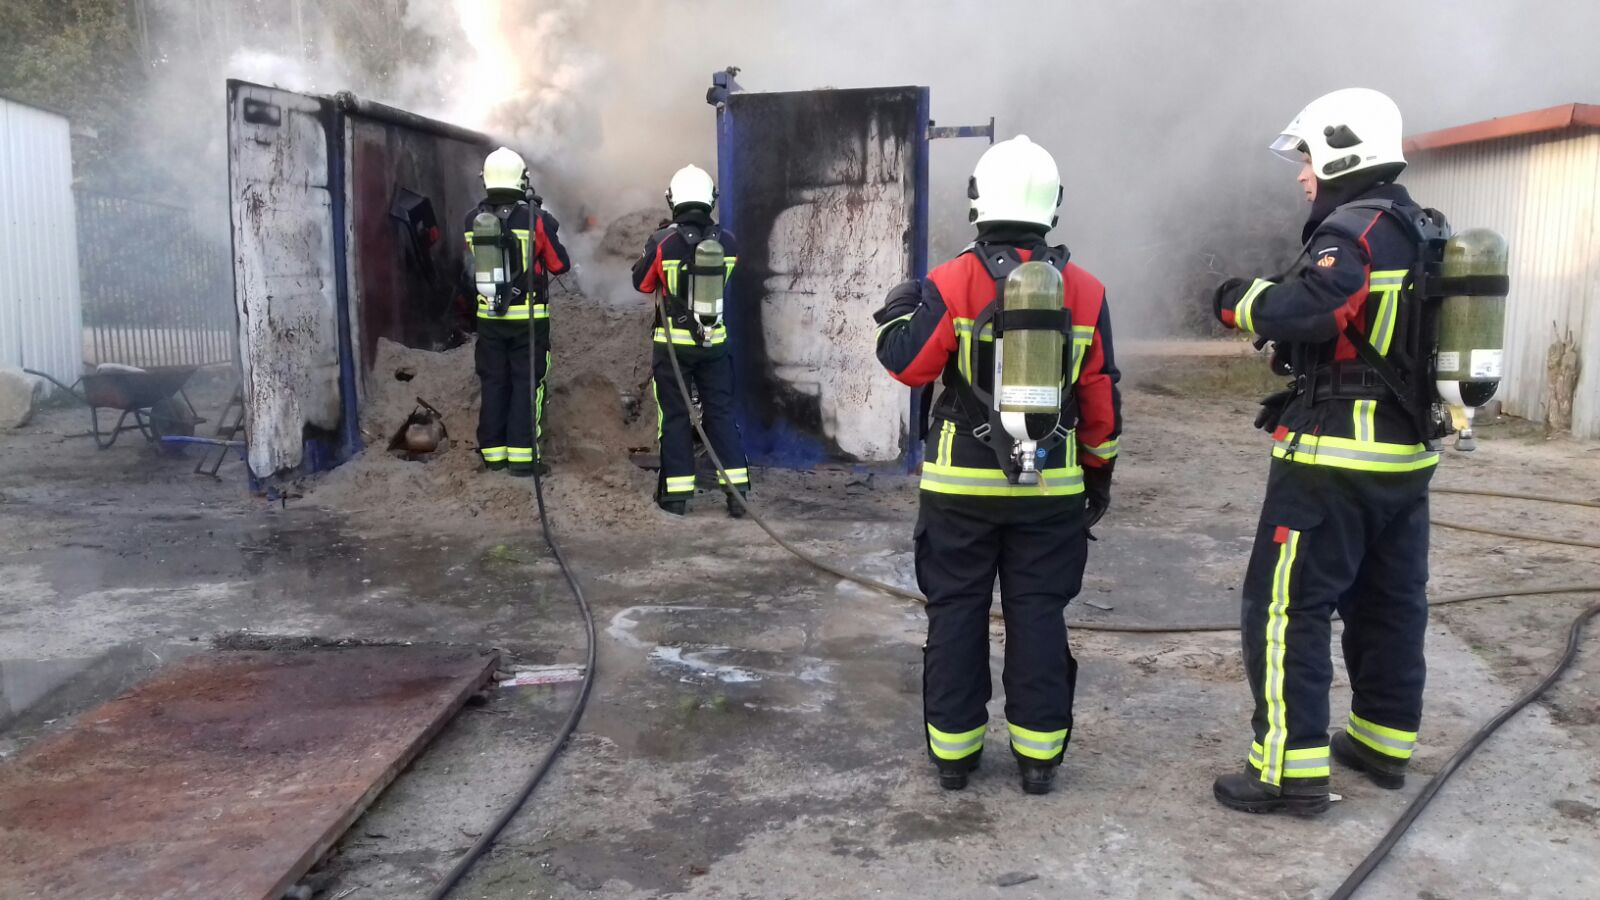 Geen buitenbrand maar container brand in Assen